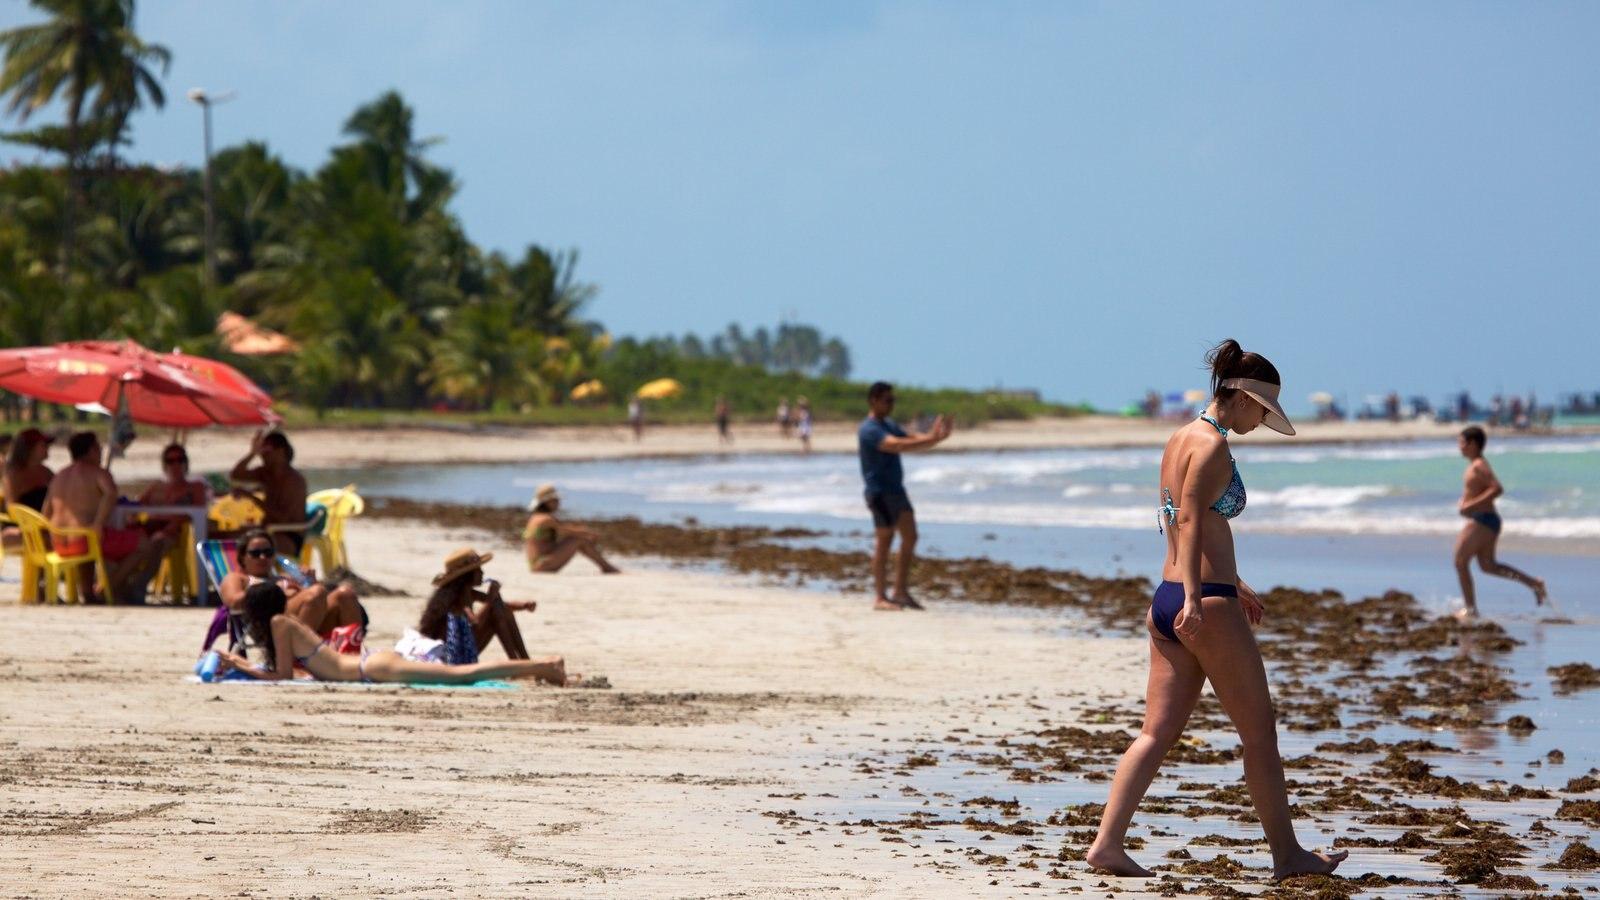 Praia de Paripueira caracterizando cenas tropicais, uma praia de areia e paisagens litorâneas